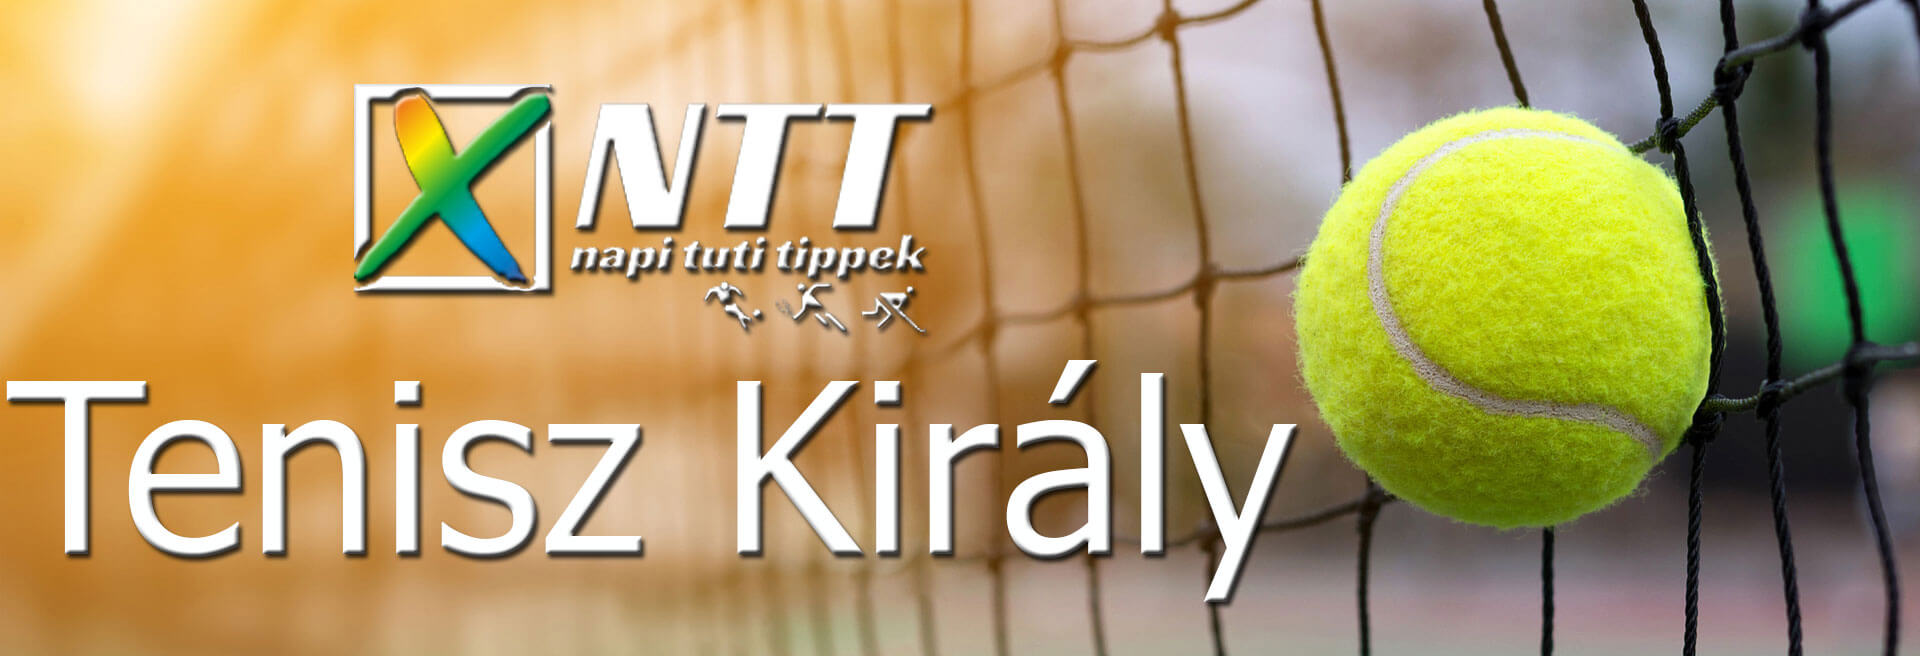 Tippmix tippek sportfogadók részére: Tippmix tippek, mérkőzés elemzések, statisztikai adatok. Napi ingyenes tippek. Csatlakozz Magyarország legsikeresebb sportfogadó csapatához!